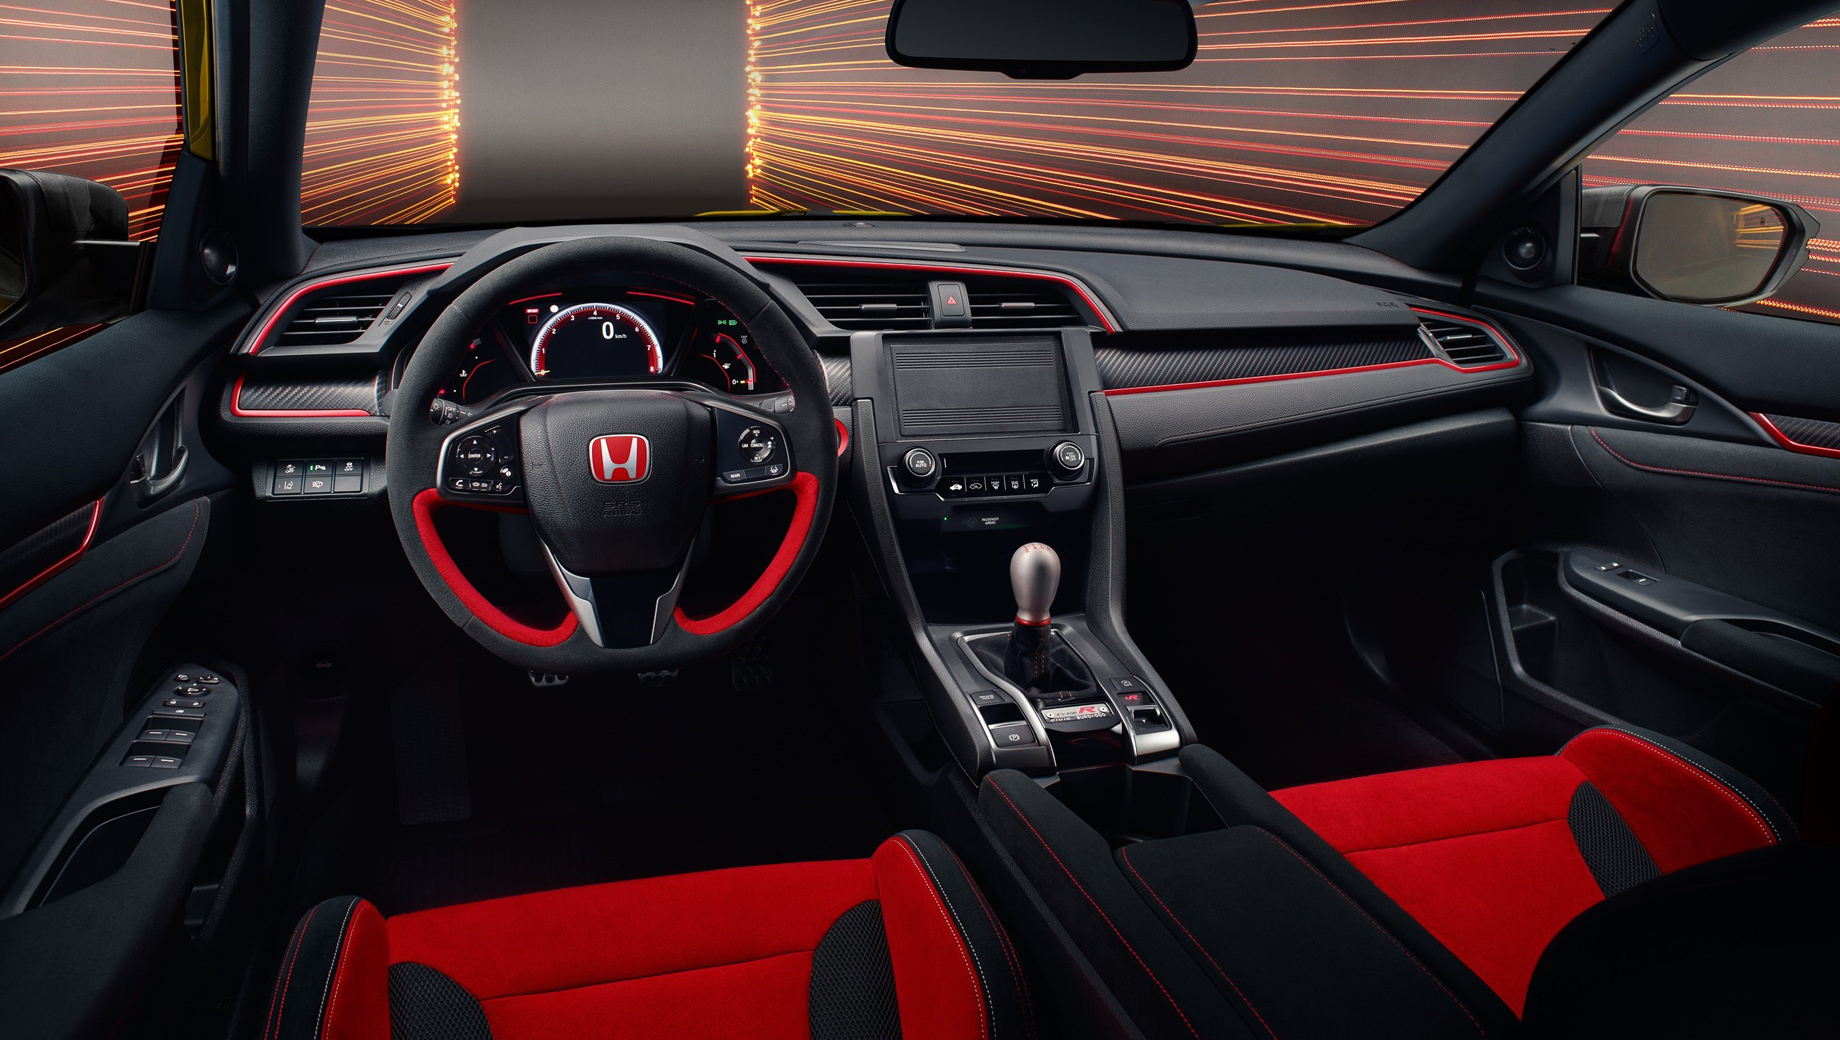 Хот-хэтч Honda Civic Type R похвастался новыми модификациями